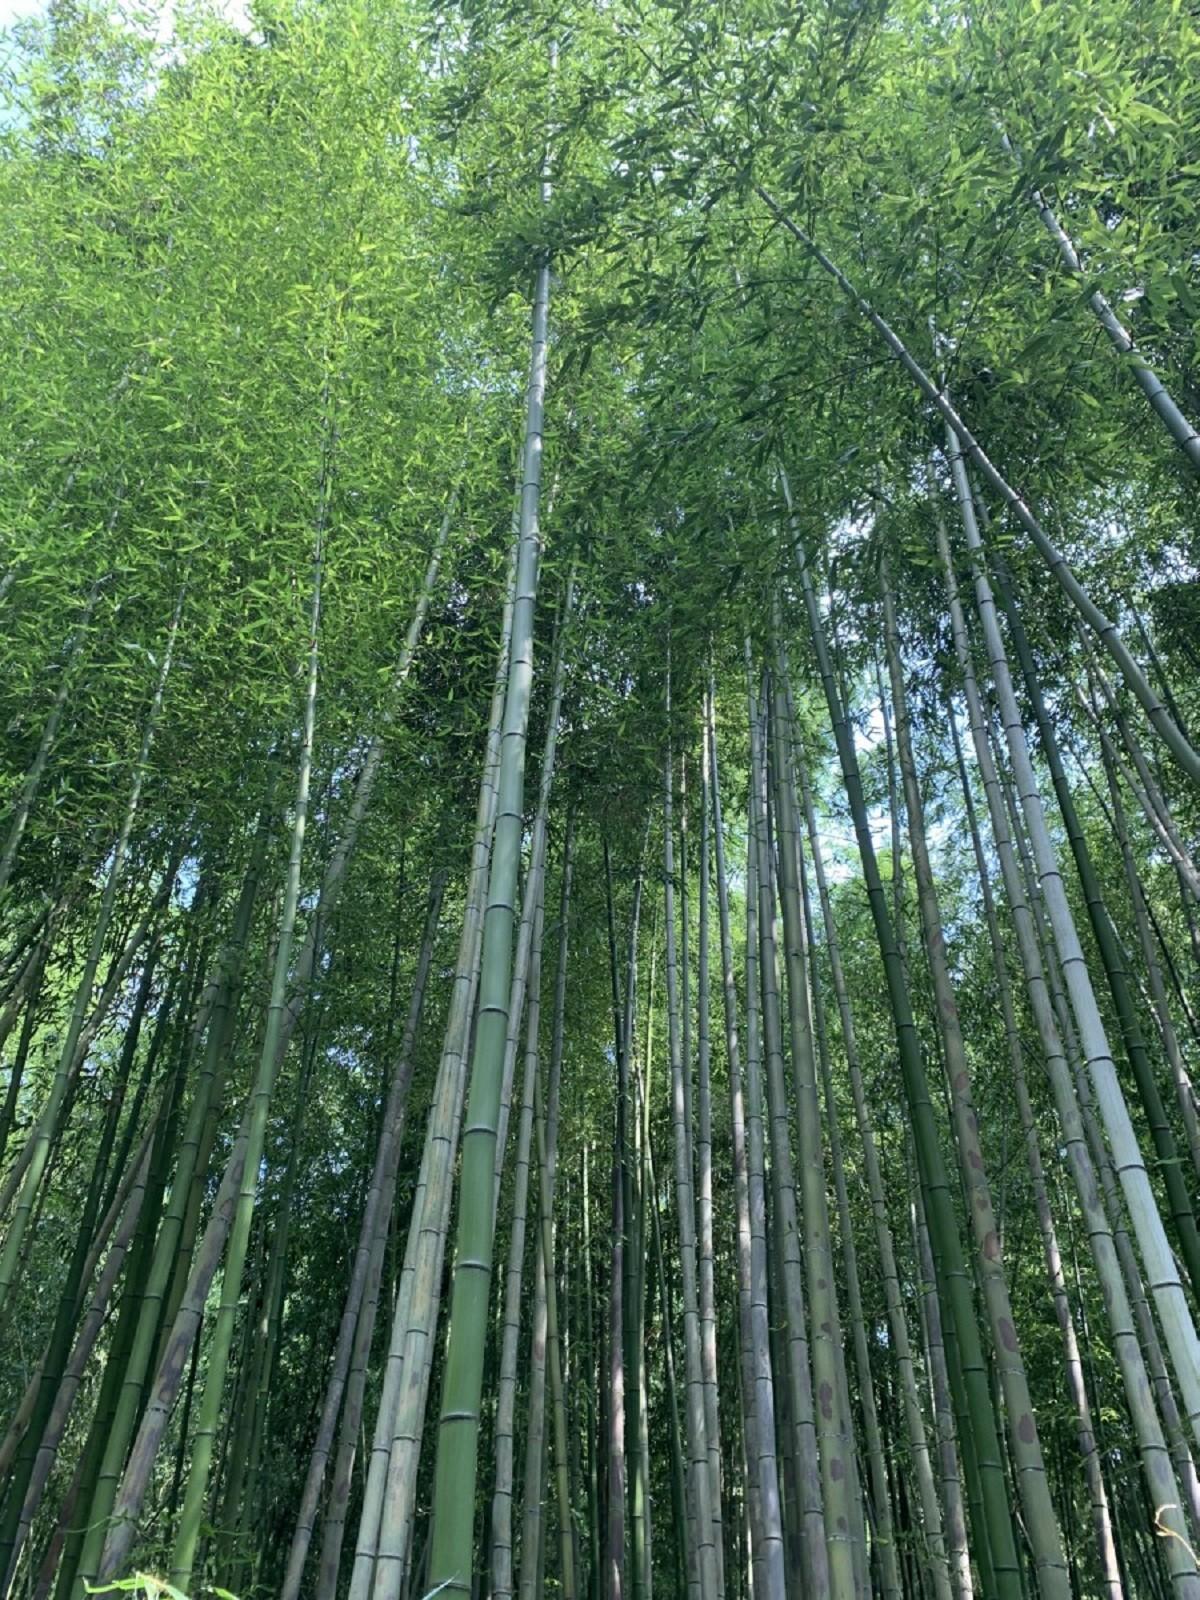 Bosque De Bambu En Kyoto Por Carmenbal Fotografia Turismo De Observacion